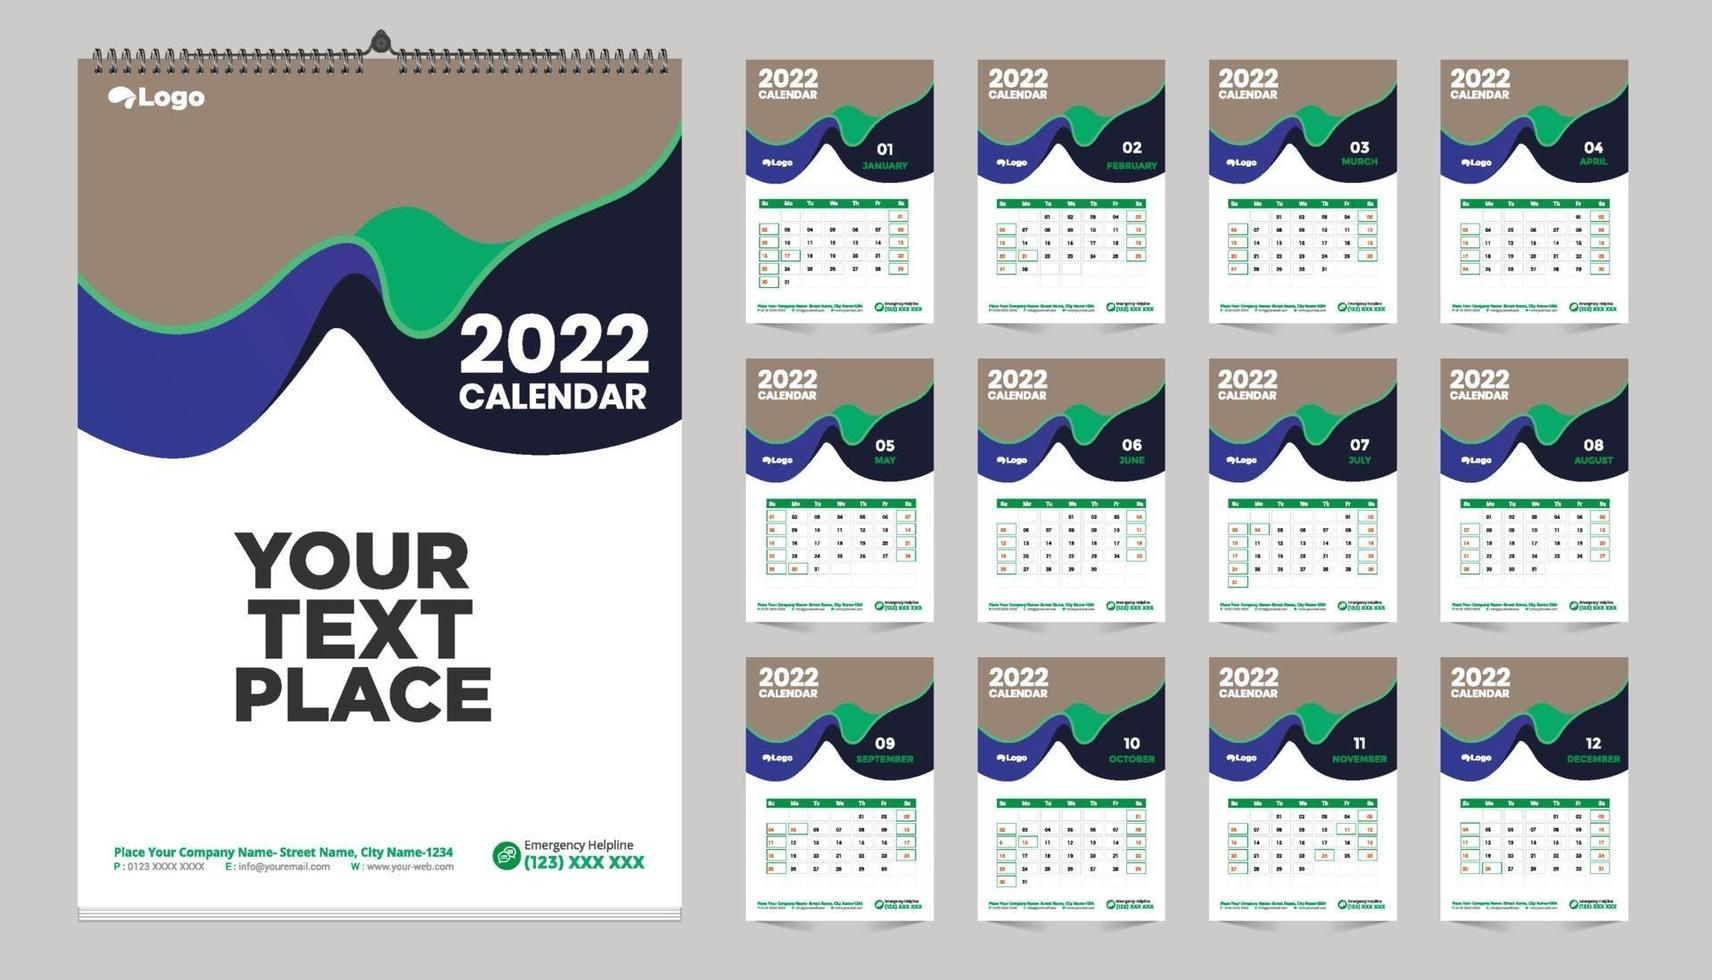 Calendrier Mensuel 2022 2023 conception de modèle de calendrier mural mensuel gratuit pour l